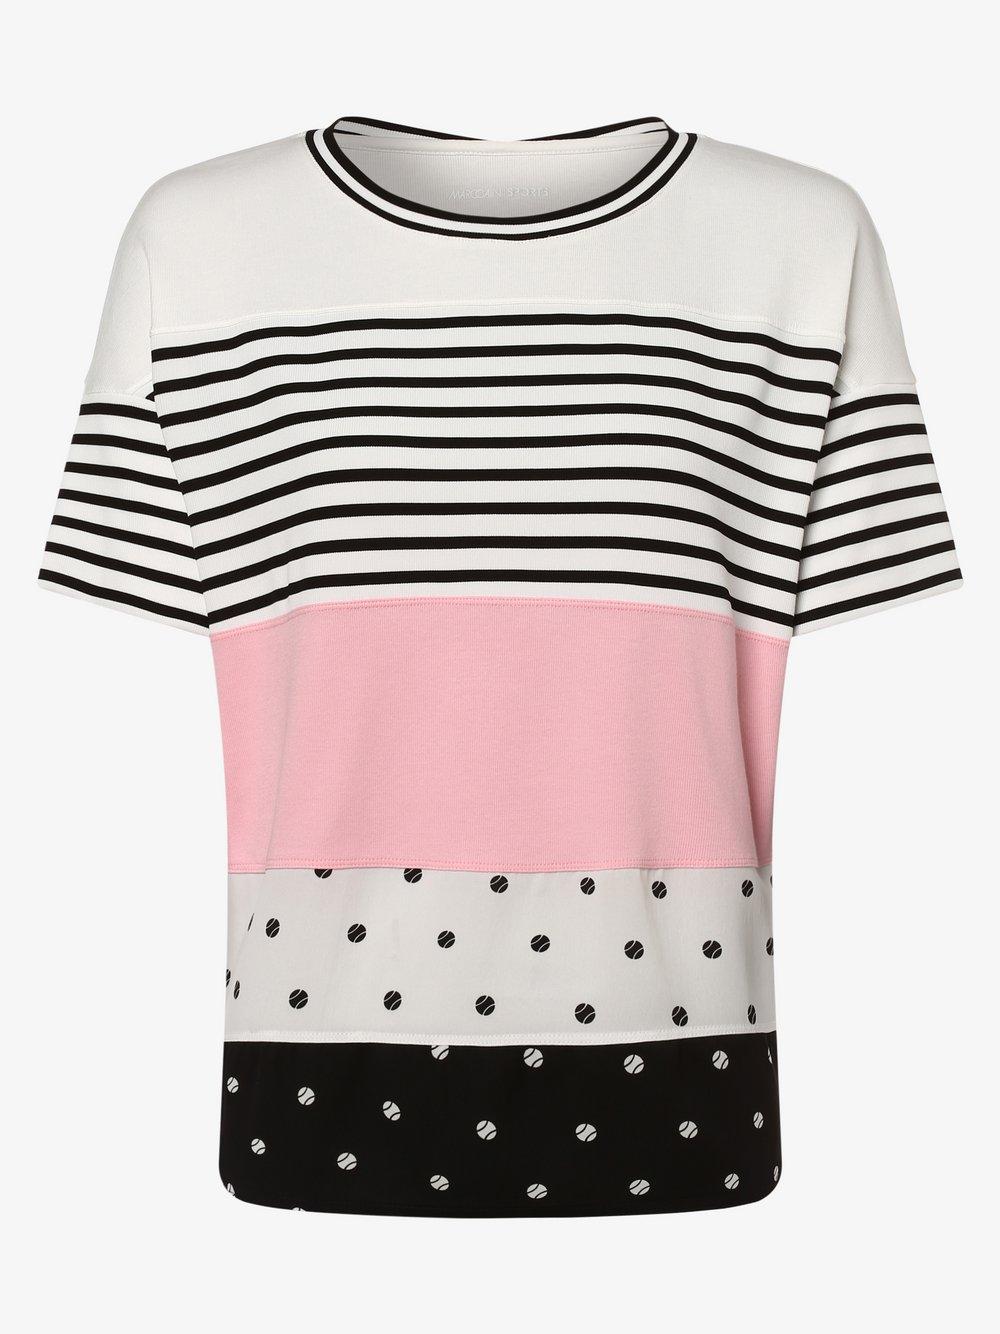 Marc Cain Sports – Koszulka damska, różowy Van Graaf 466791-0001-00380